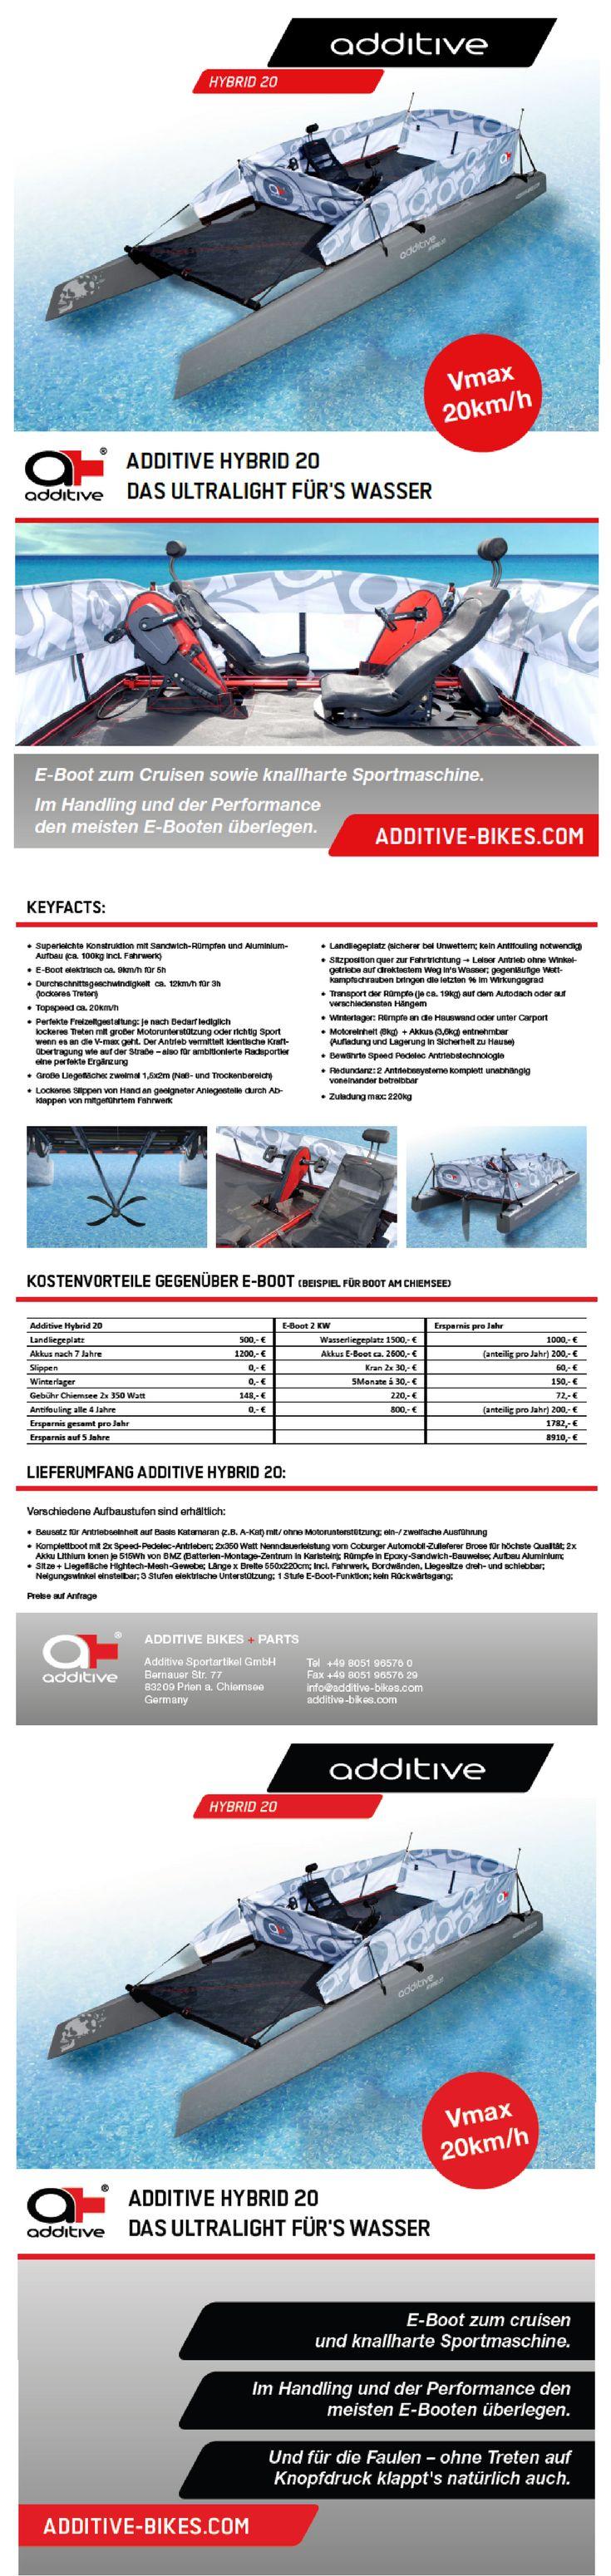 Das HYBRID 20 ist ein Tretboot mit Trittkraftunterstüzung, nach Belieben zu verwenden als E-Boot zum Cruisen oder als knallharte Sportmaschine mit einer Maximalgeschwindigkeit von ca. 20km/h ! #Tretboot #Elektroboot #Sportboot #Lifestyle